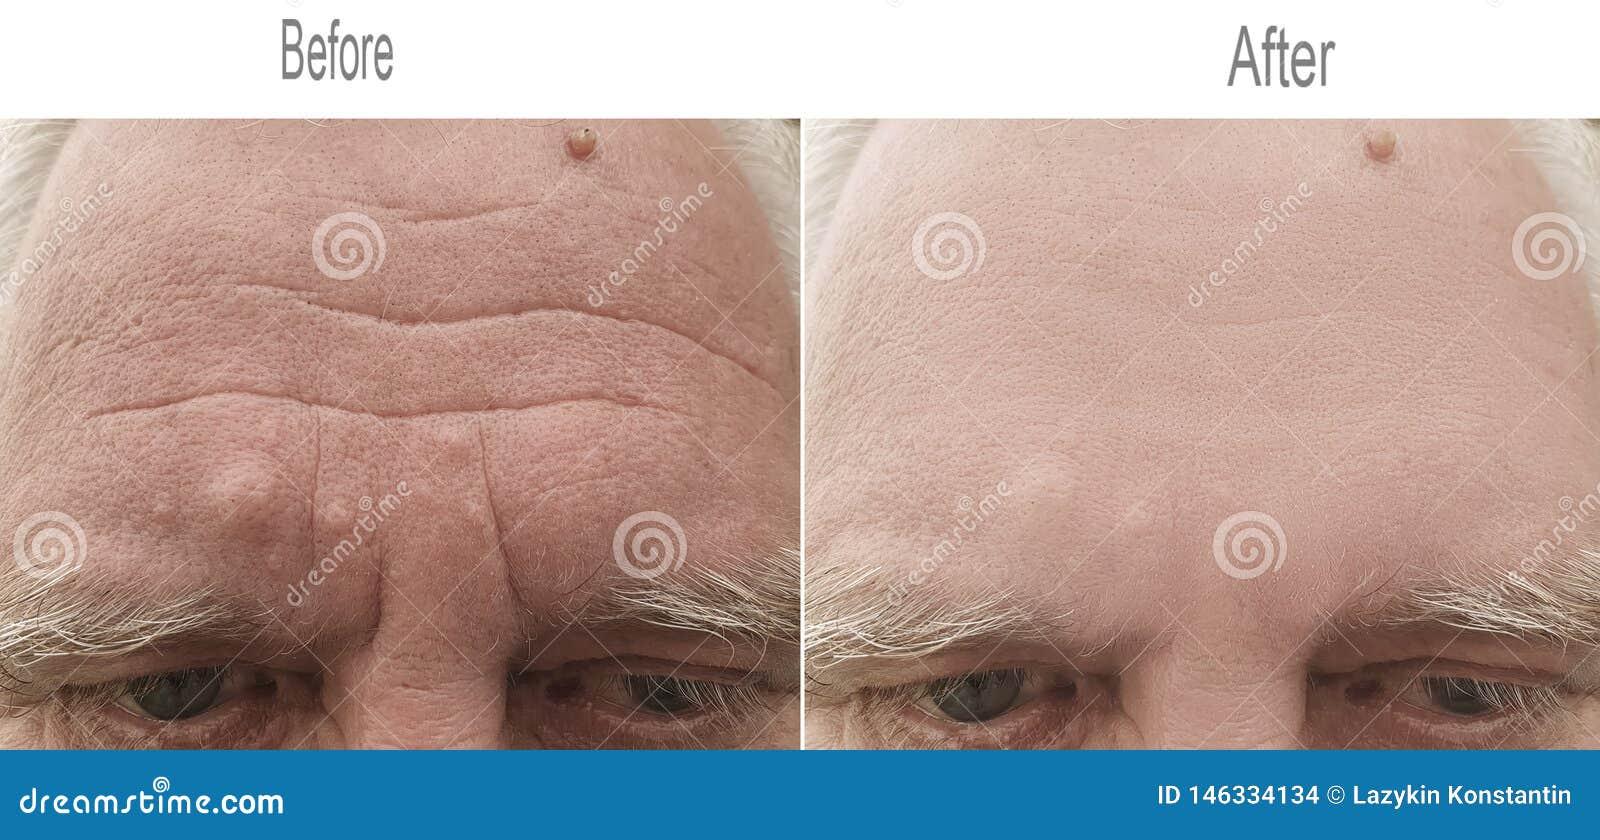 Морщинка, кожа, лоб, глаз, старый, бровь